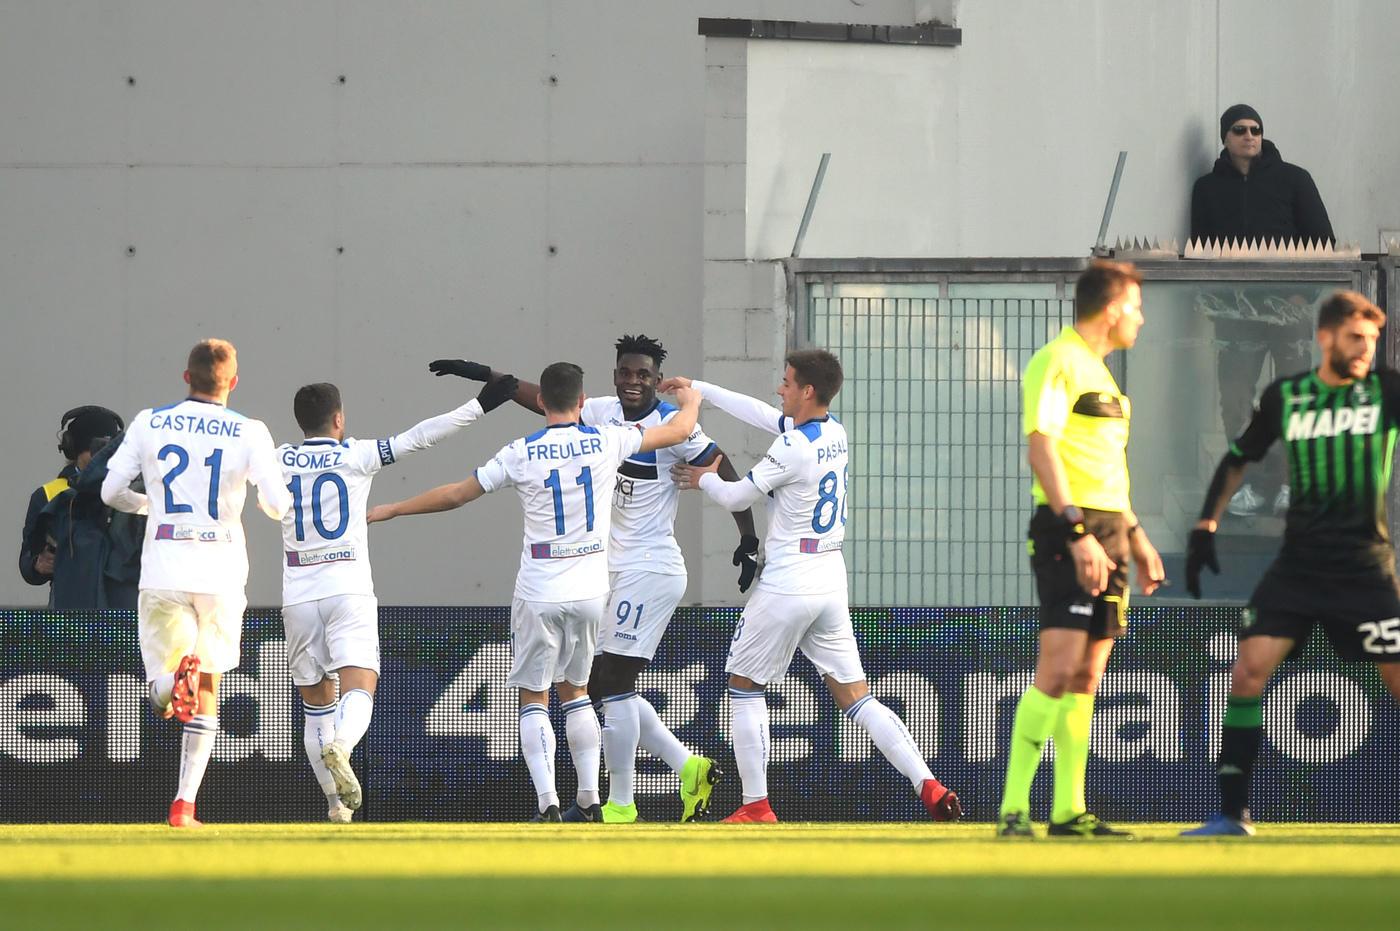 La squadra di Gasperini batte 6-2 il Sassuolo